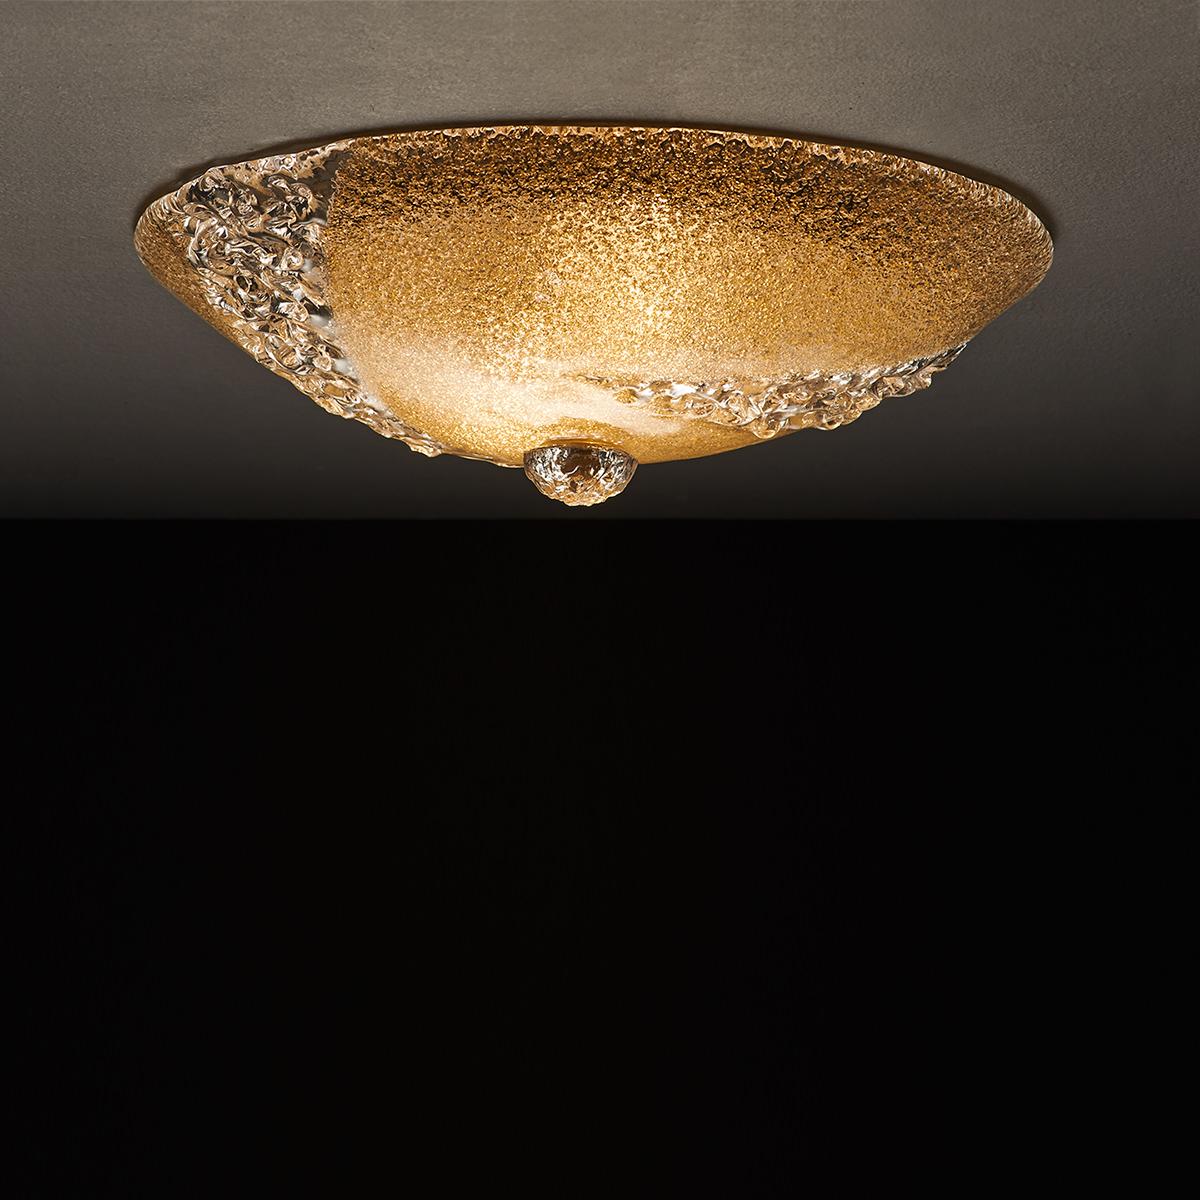 Κλασικό φωτιστικό οροφής BELLA classic ceiling lamp